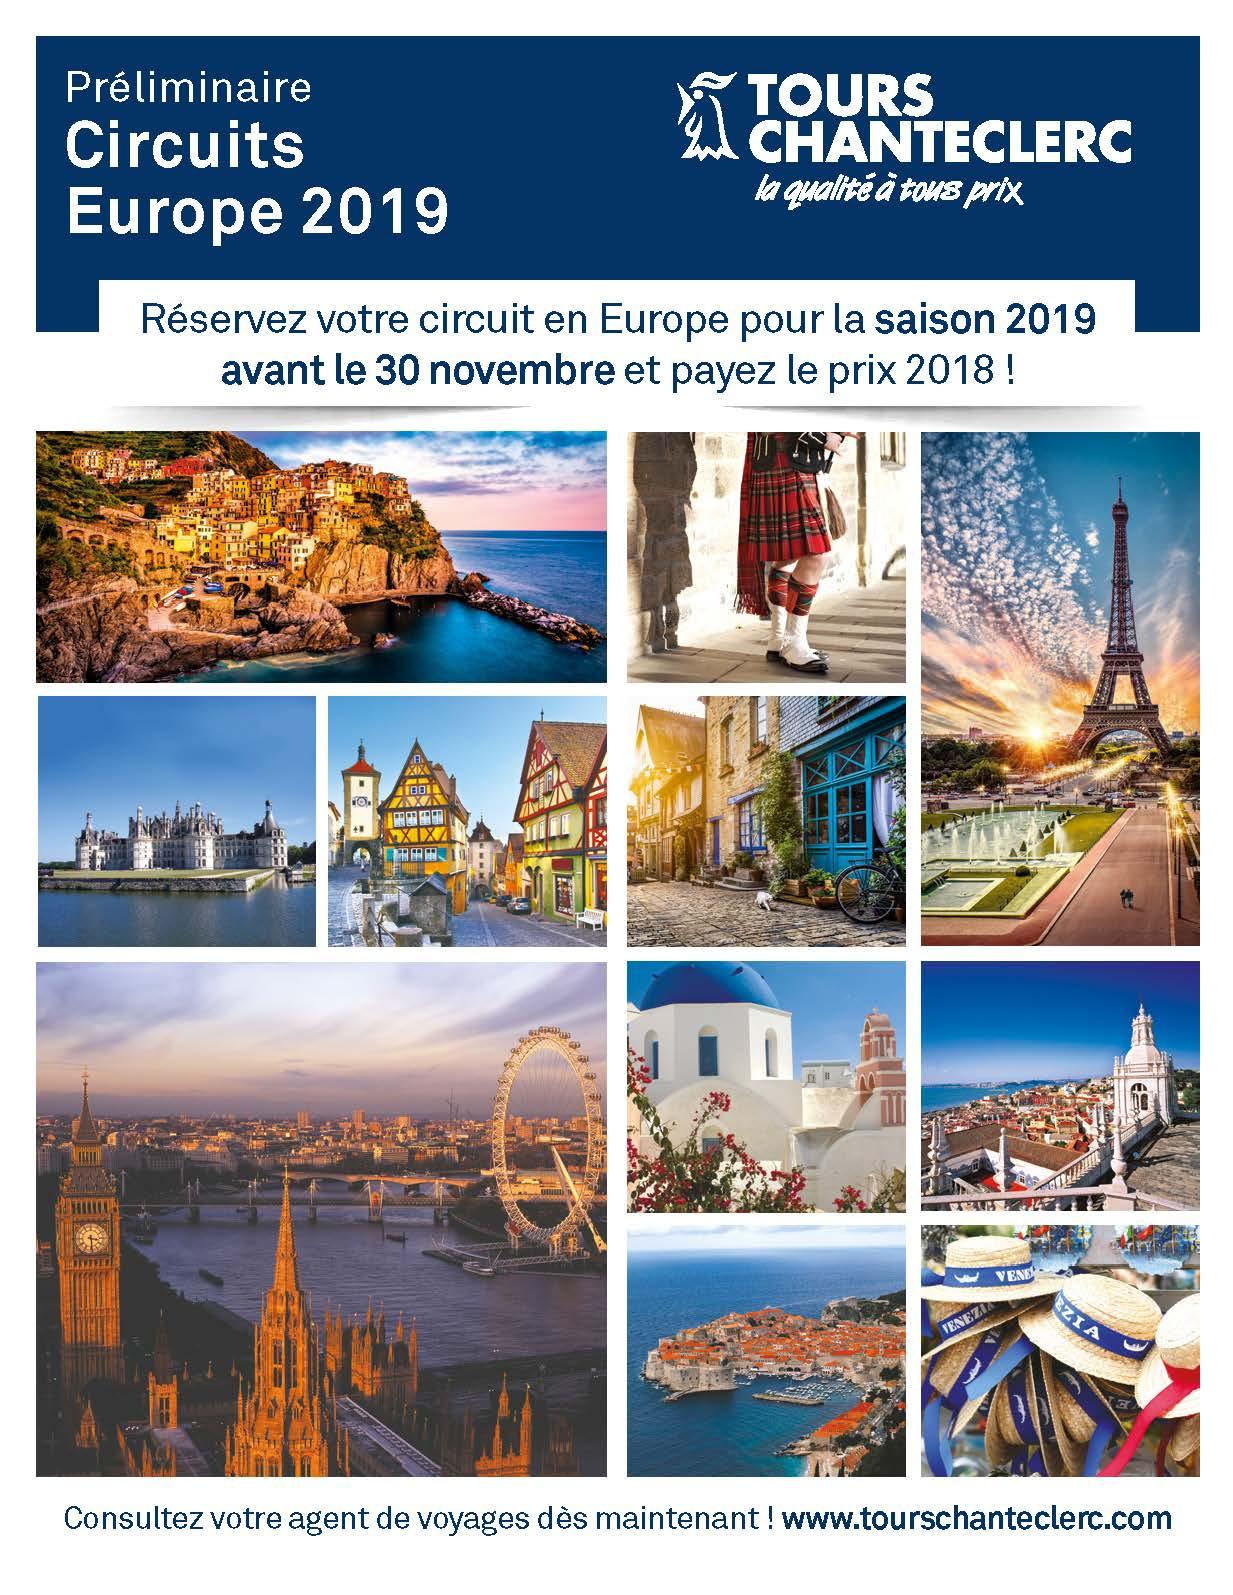 Préliminaire Circuits Europe 2019